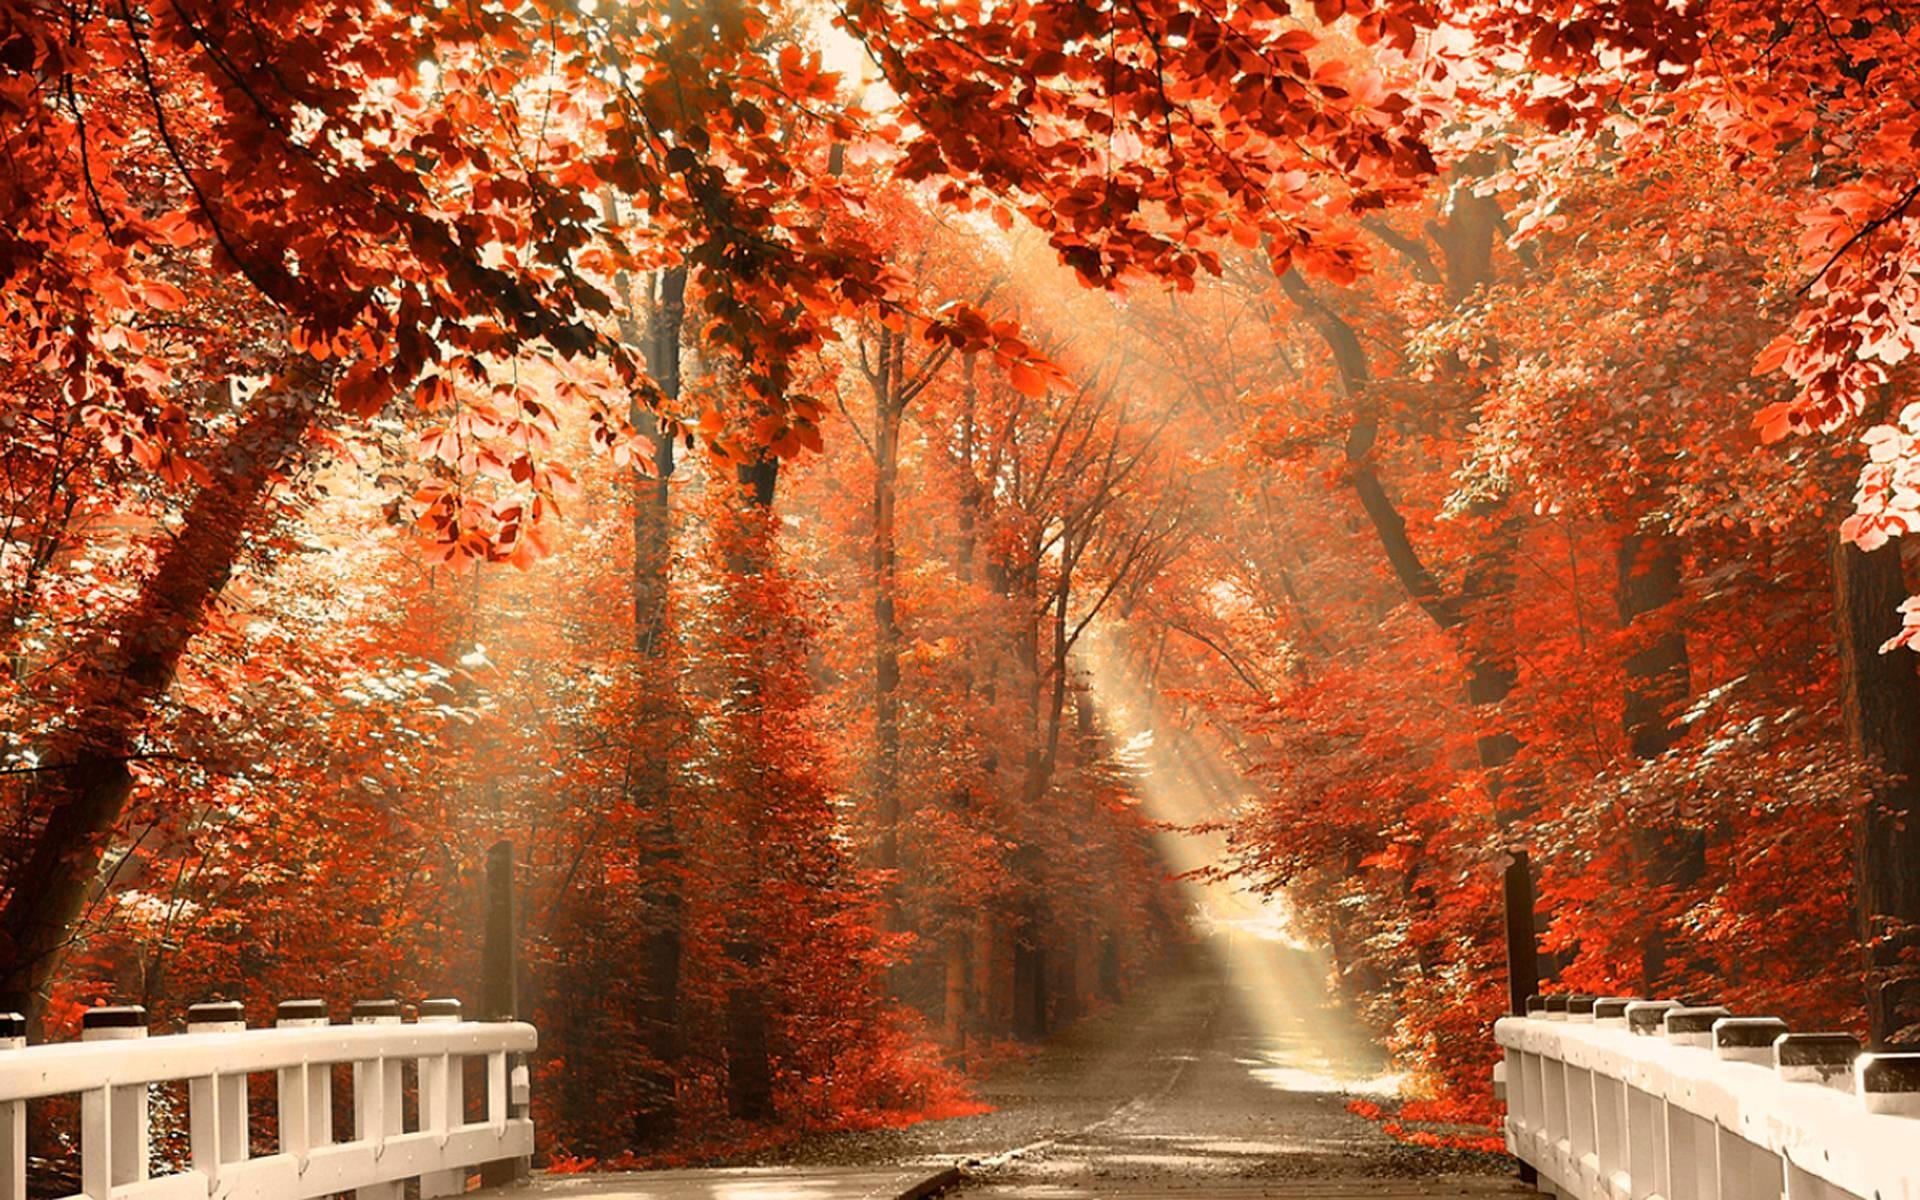 Autumn Pumpkin Wallpaper 10 Desktop Wallpaper 700×525 HD Wallpaper .